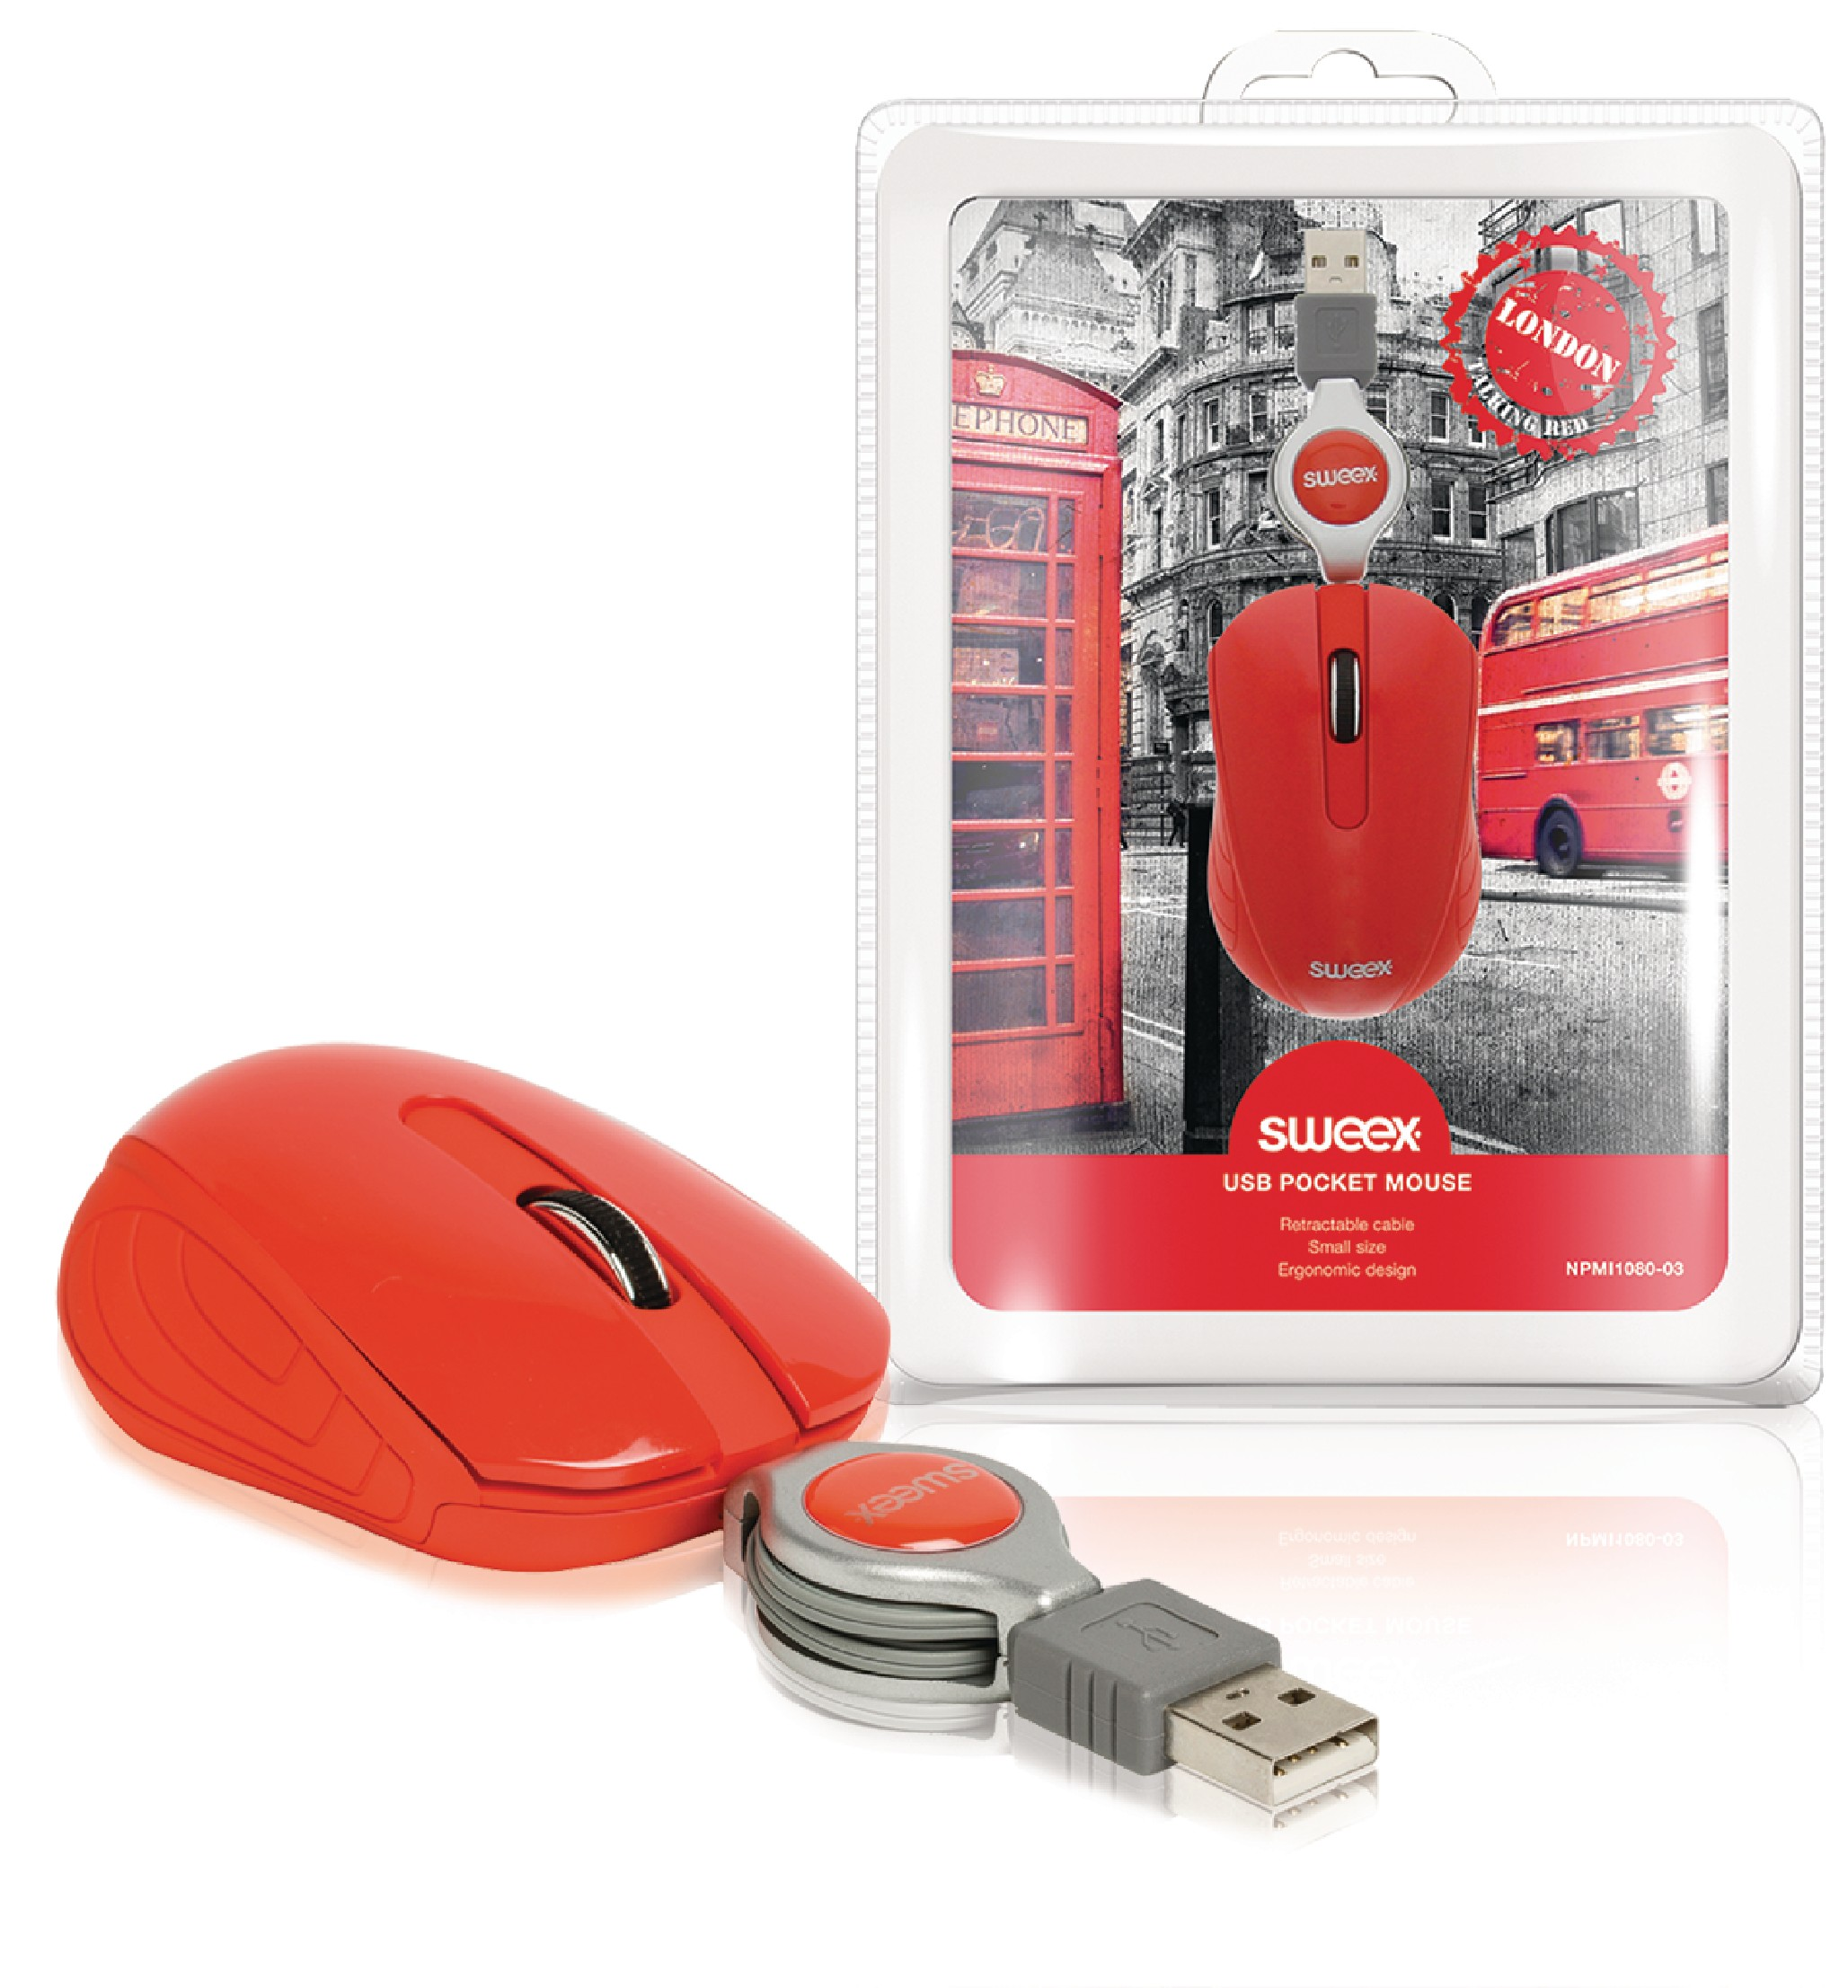 Sweex London kapesní USB myš, 1000 dpi, červená NPMI1080-03